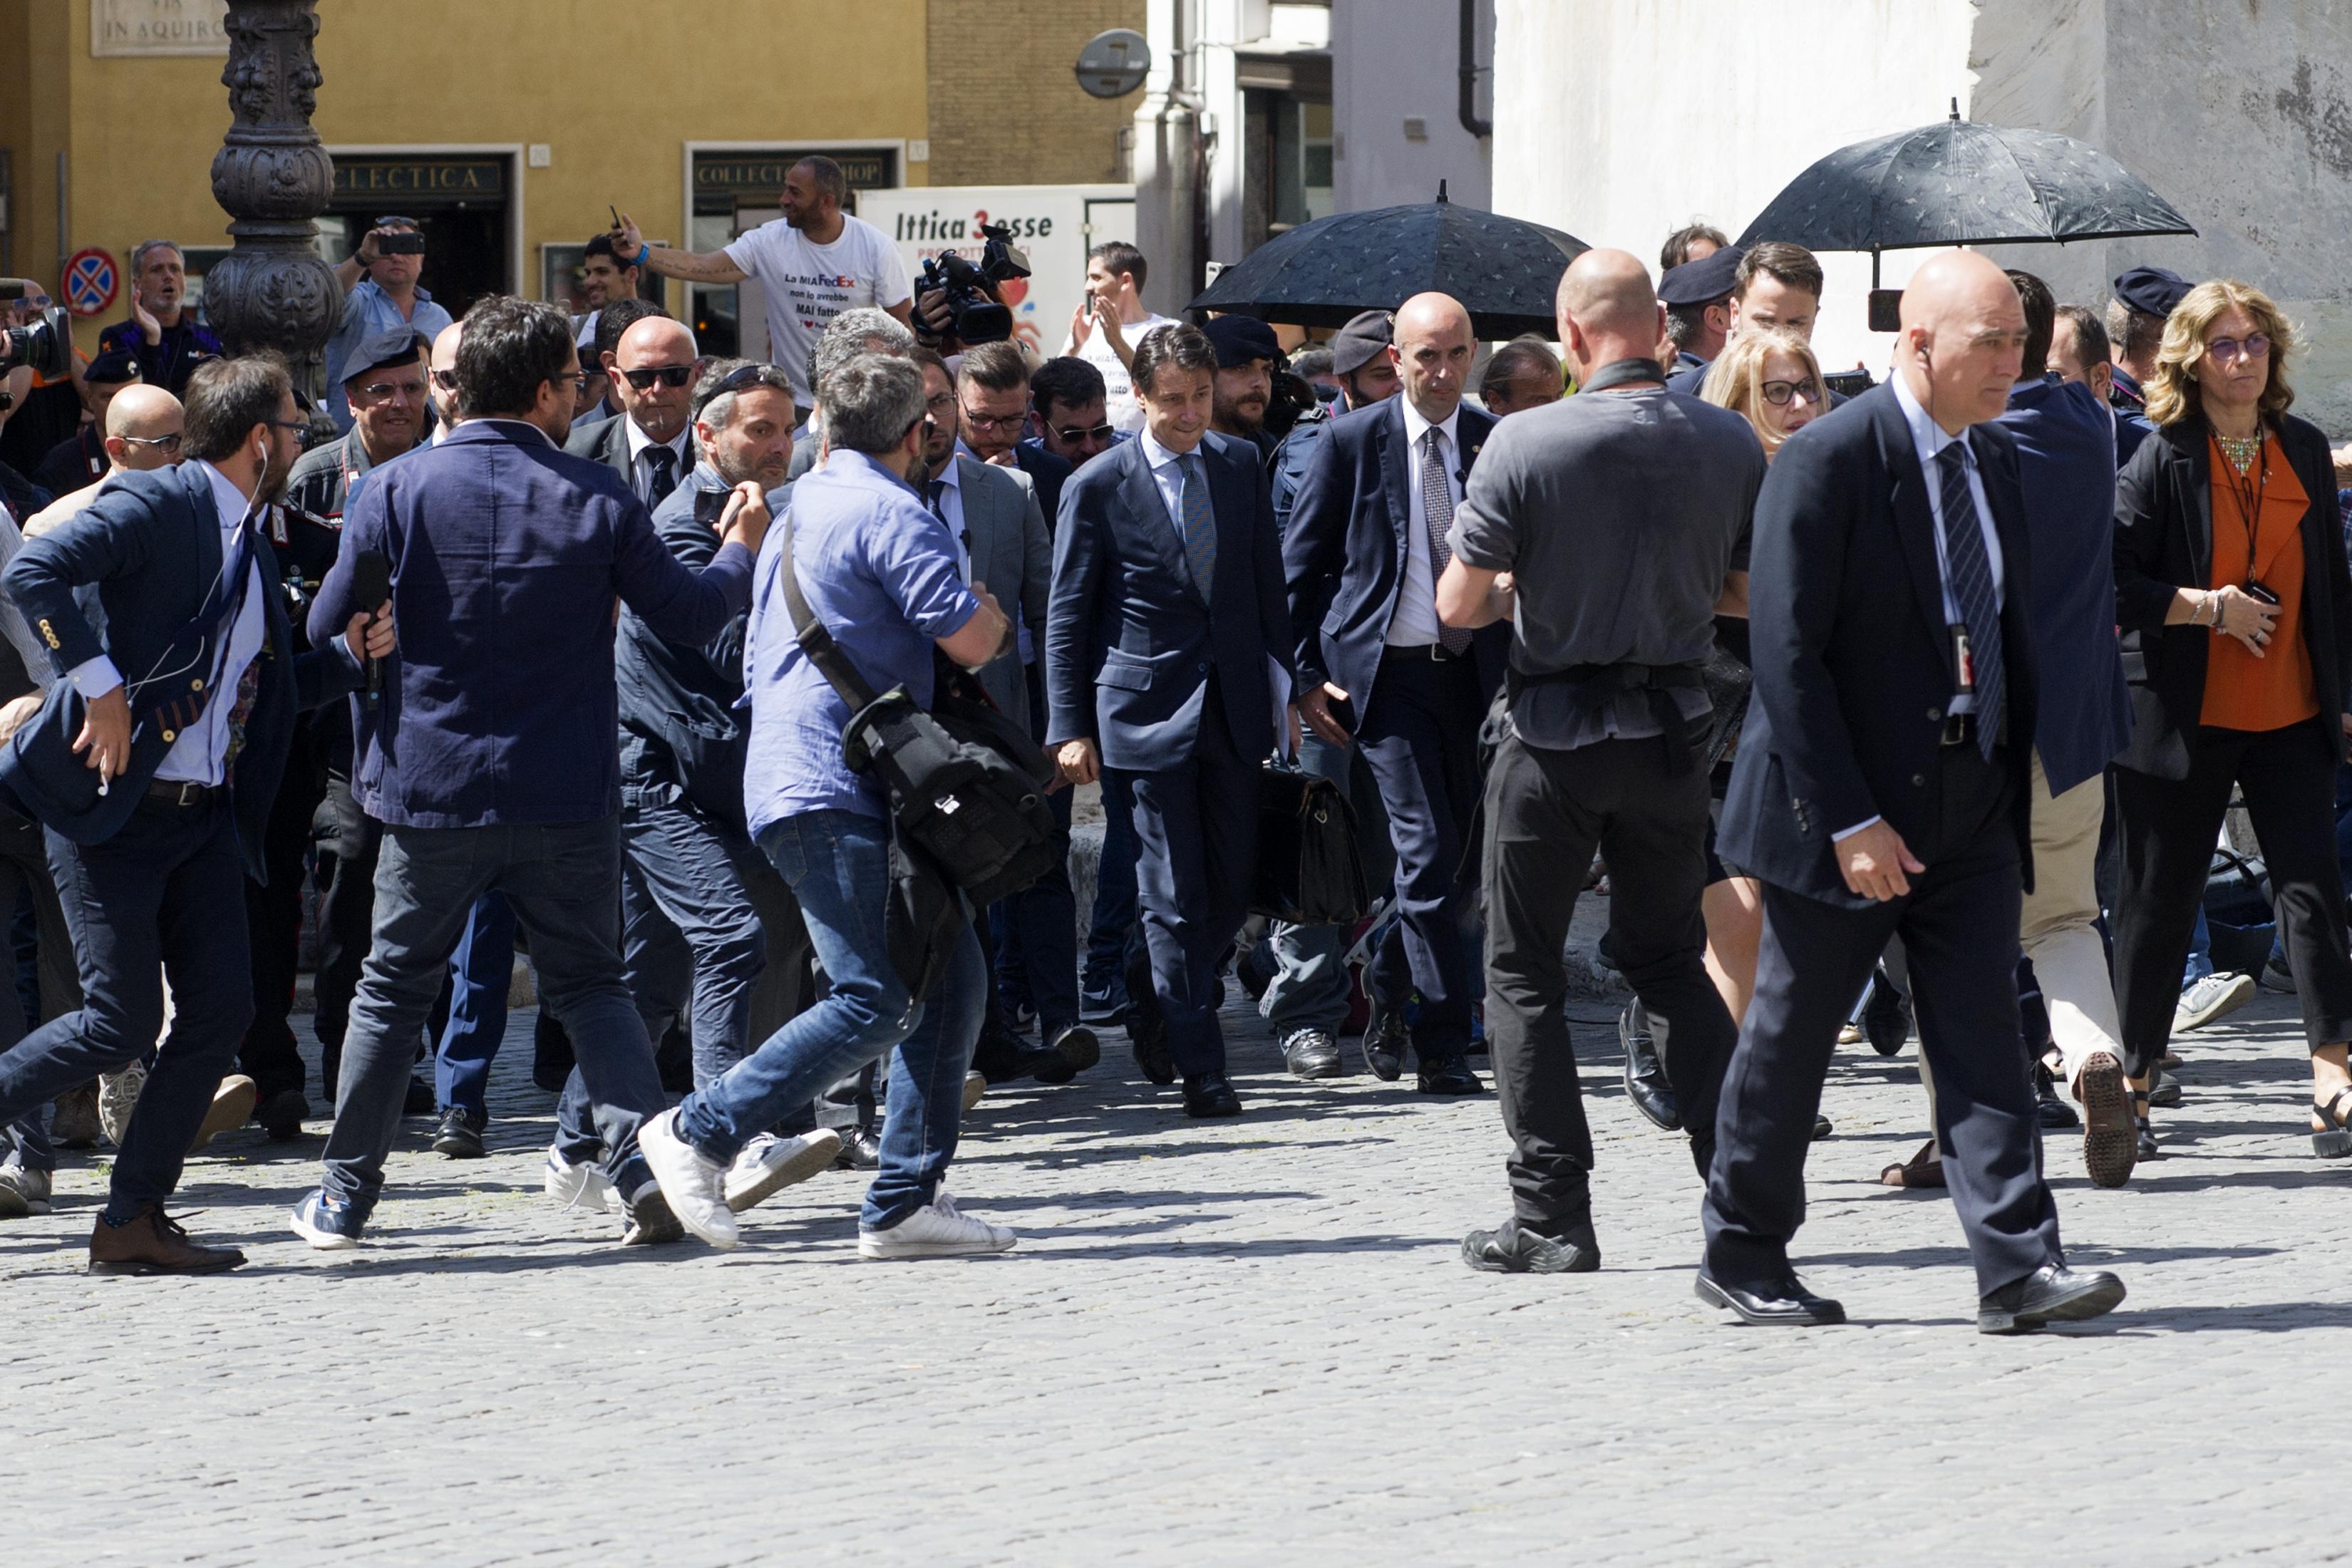 Fedex-Tnt: sindacati, da domani sciopero 2 giorni contro licenziamenti